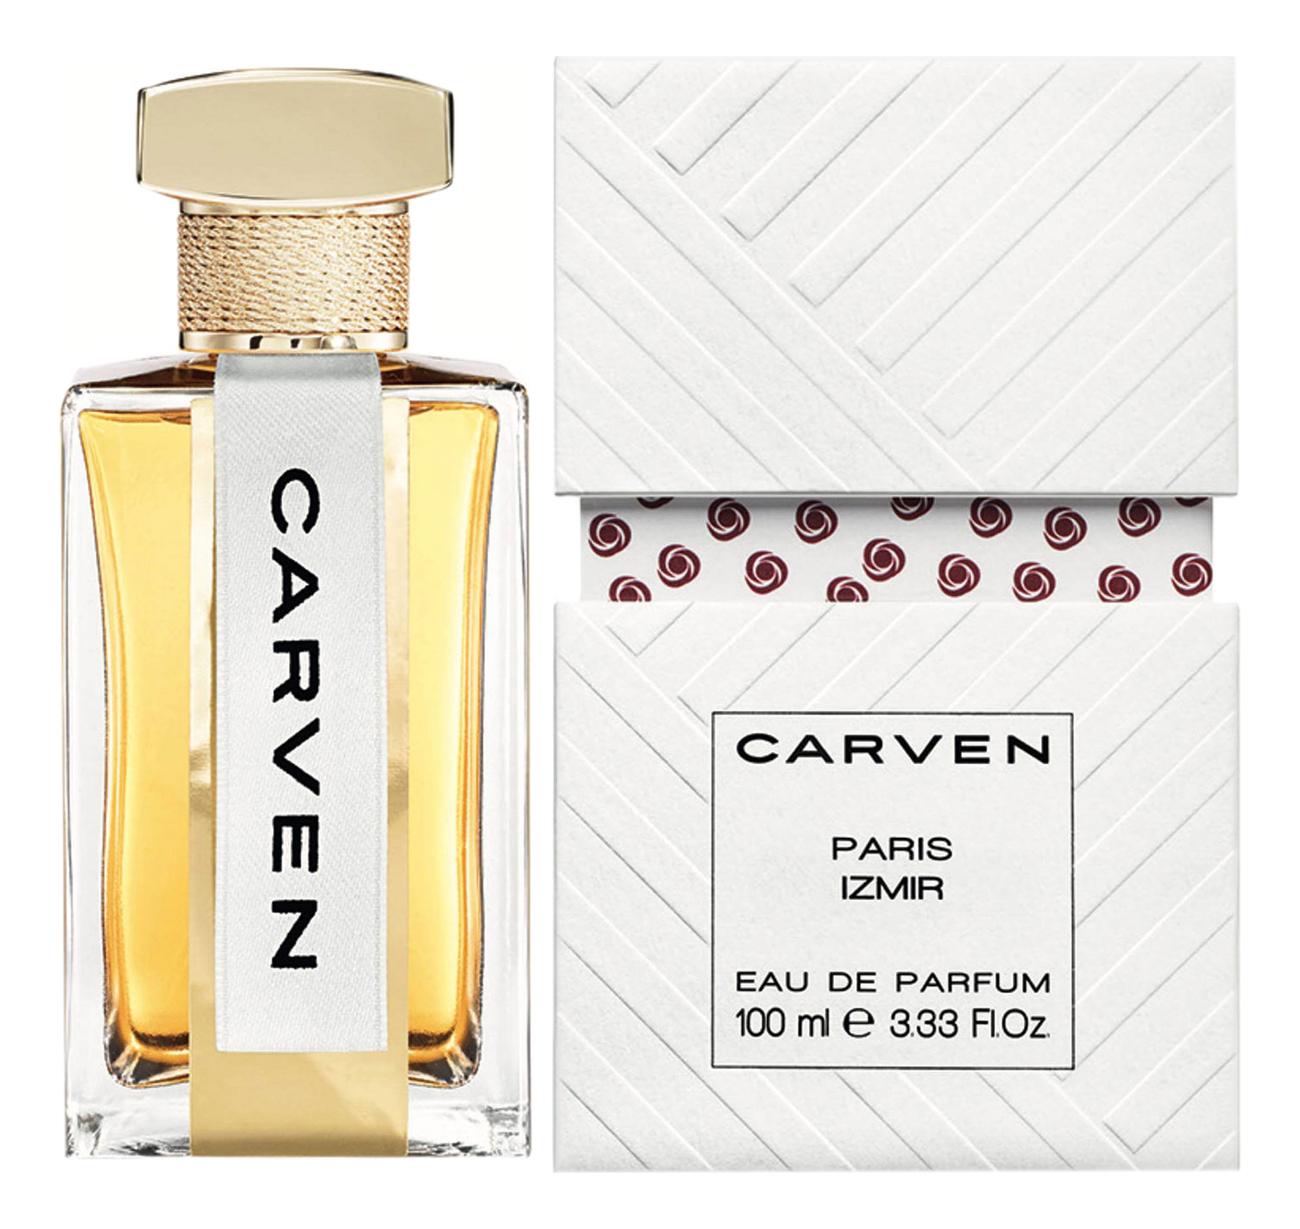 Carven Paris Izmir : парфюмерная вода 100мл carven paris mascate парфюмерная вода 100мл